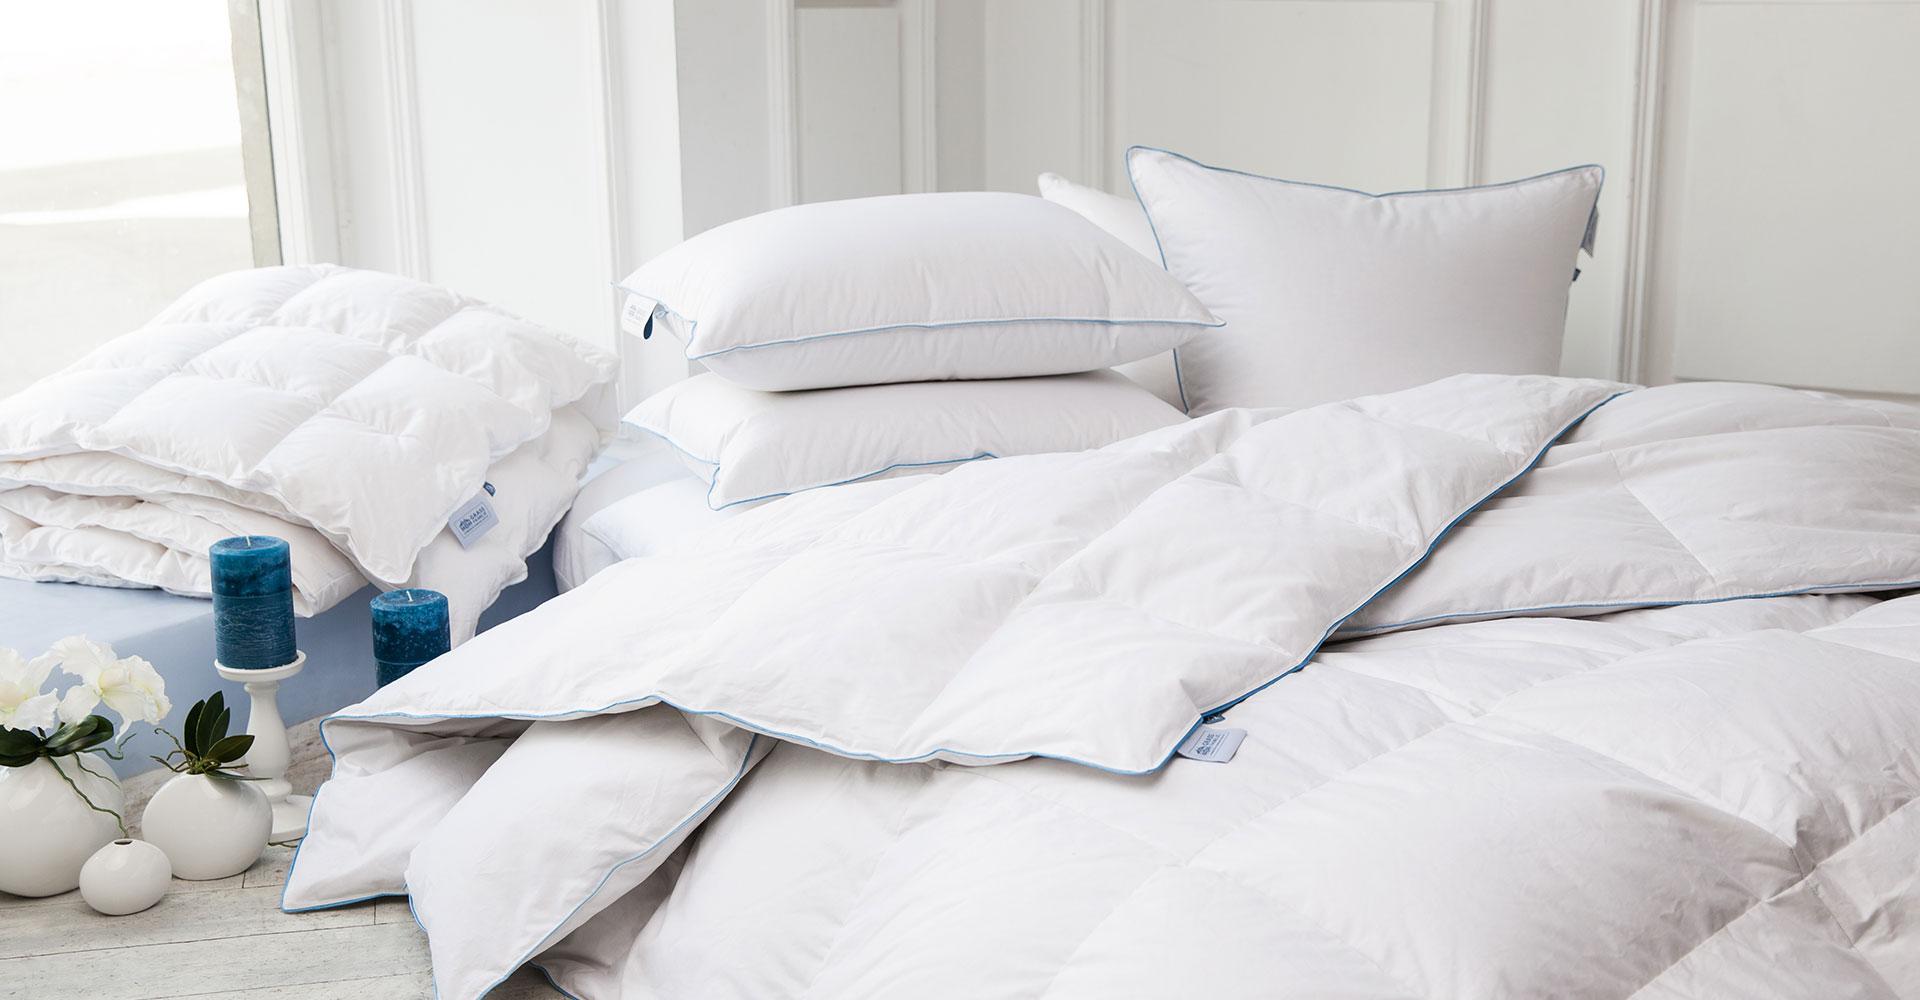 Химчистка подушек и одеял